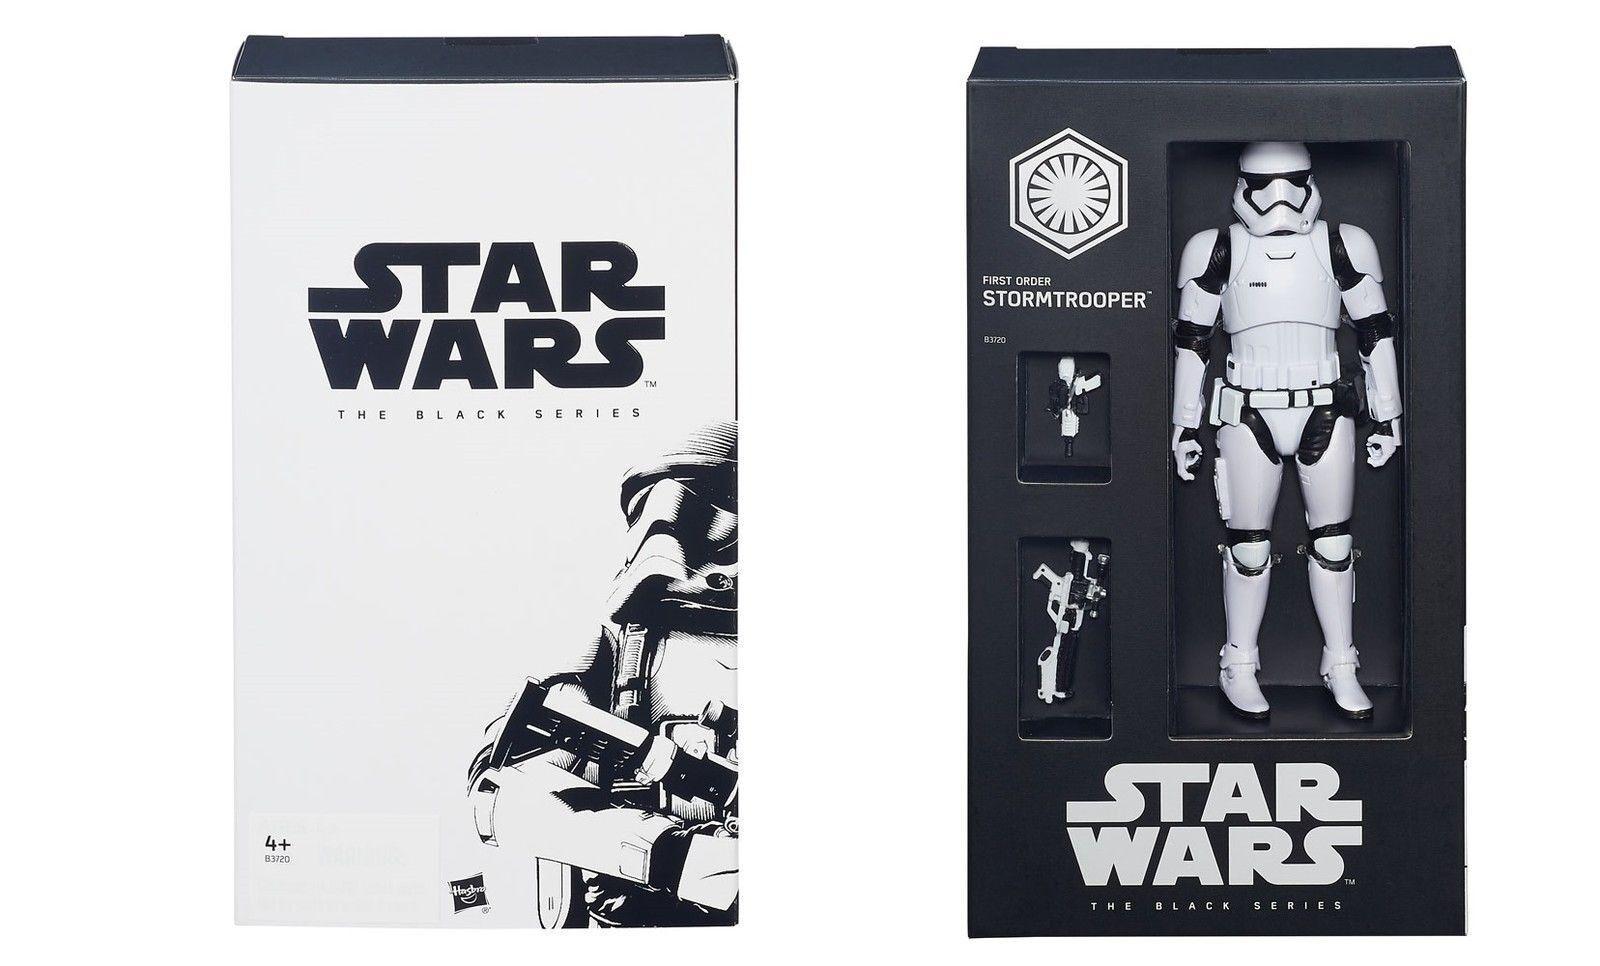 Esclusivo star wars das schwarz serie sdcc erster ordnung  statuetta stormtrooper - 6